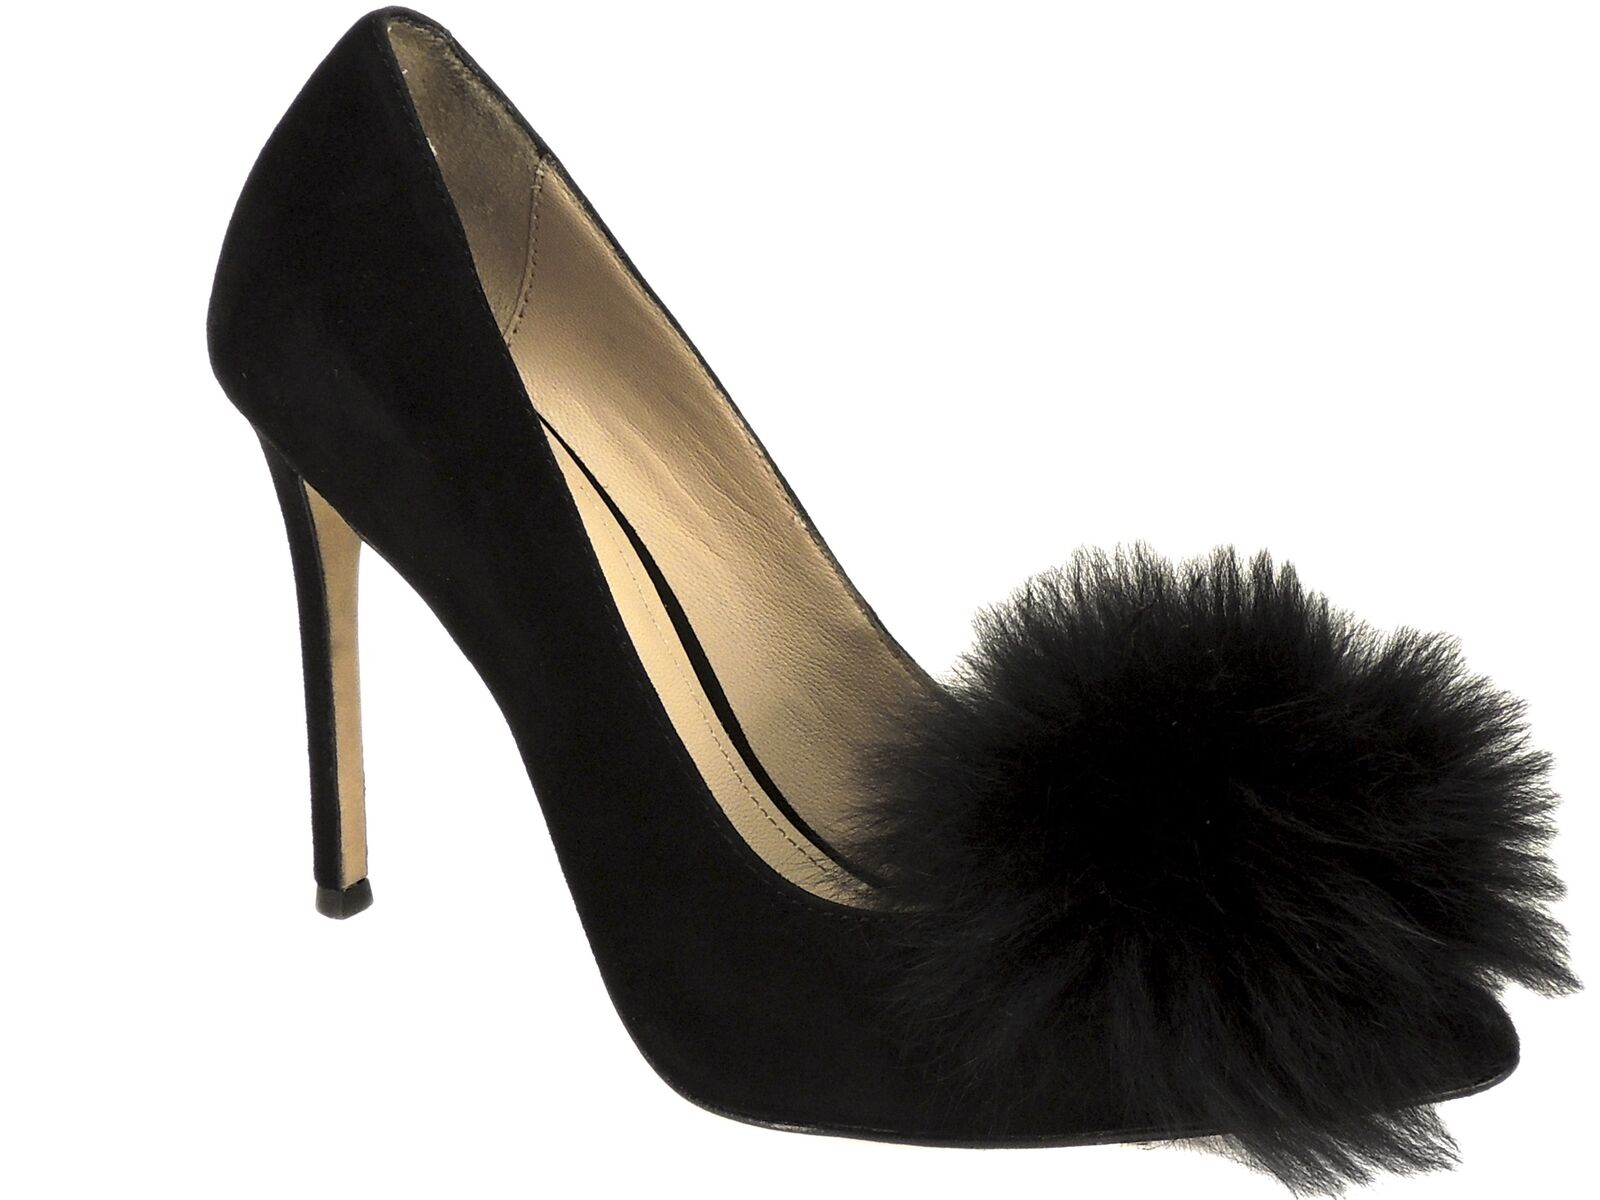 centro commerciale di moda Pour La Victoire Donna Donna Donna  Camilla Pumps nero Kid Suede Dimensione 6 M  fino al 42% di sconto